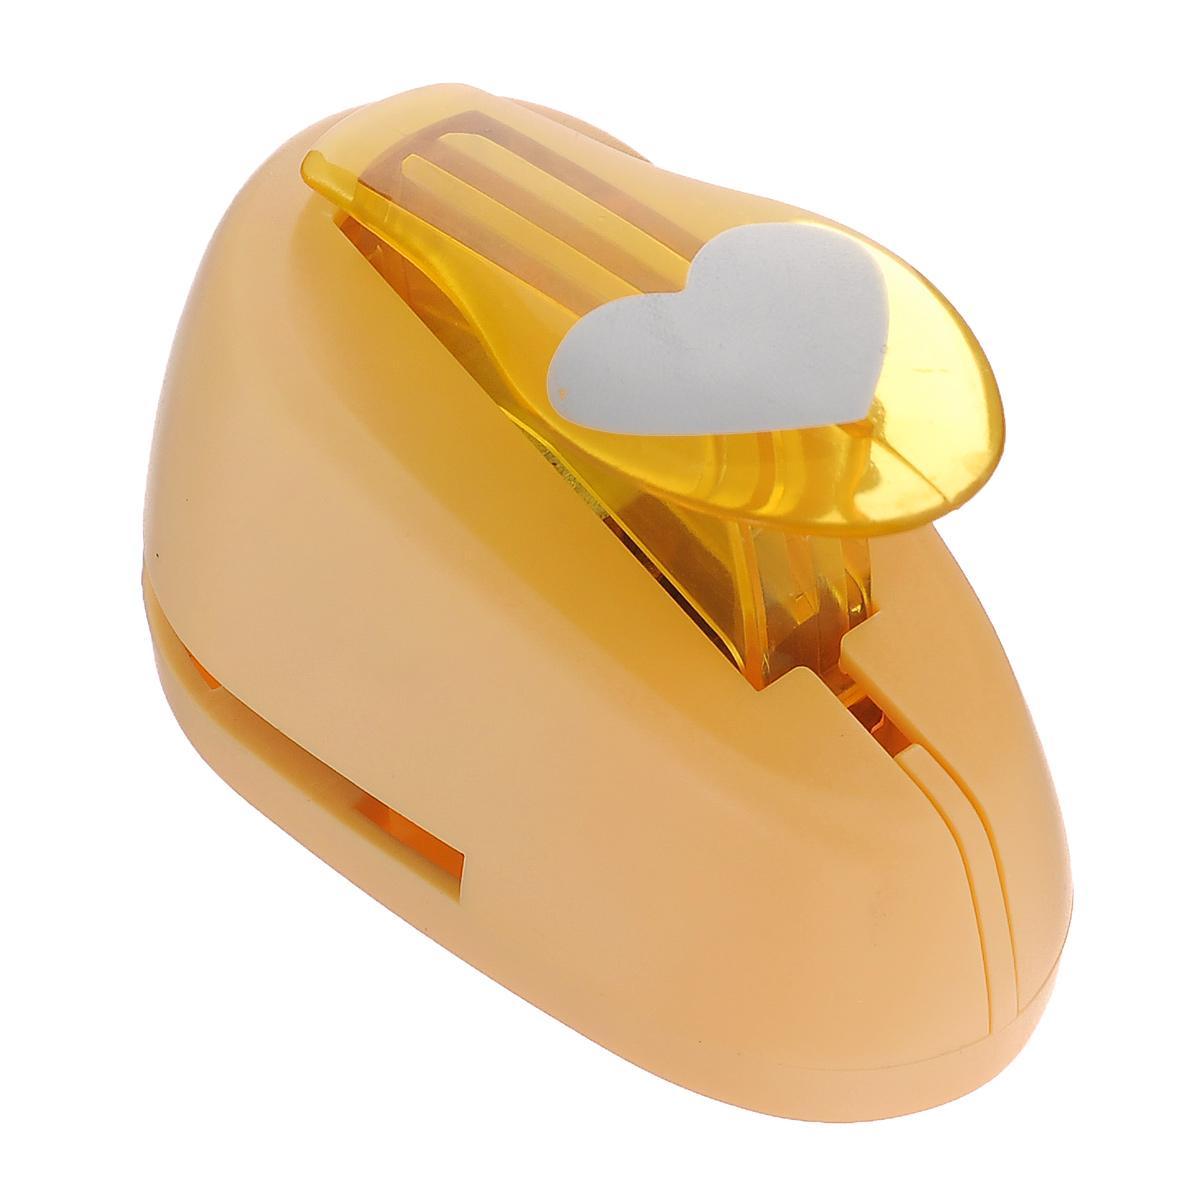 Дырокол фигурный Астра Сердце. CD-99MFS-36054Дырокол Астра Сердце поможет вам легко, просто и аккуратно вырезать много одинаковых мелких фигурок.Режущие части компостера закрыты пластмассовым корпусом, что обеспечивает безопасность для детей. Вырезанные фигурки накапливаются в специальном резервуаре. Можно использовать вырезанные мотивы как конфетти или для наклеивания. Дырокол подходит для разных техник: декупажа, скрапбукинга, декорирования.Размер дырокола: 8 см х 5 см х 5 см. Размер готовой фигурки: 2,5 см х 2 см.